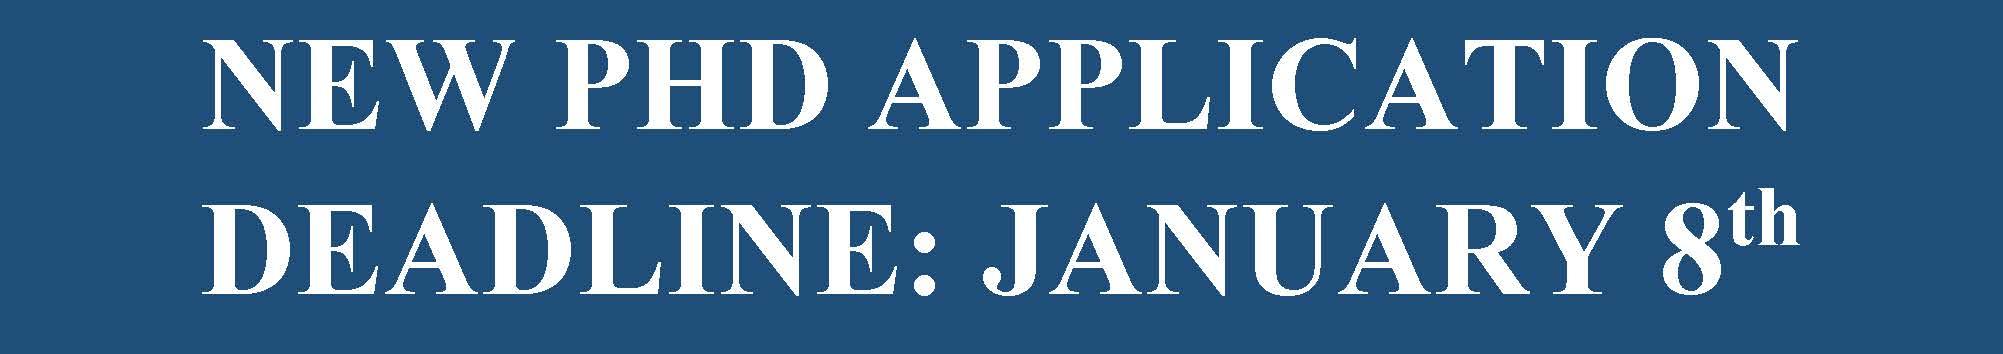 Banner - New PhD Deadline is January 8